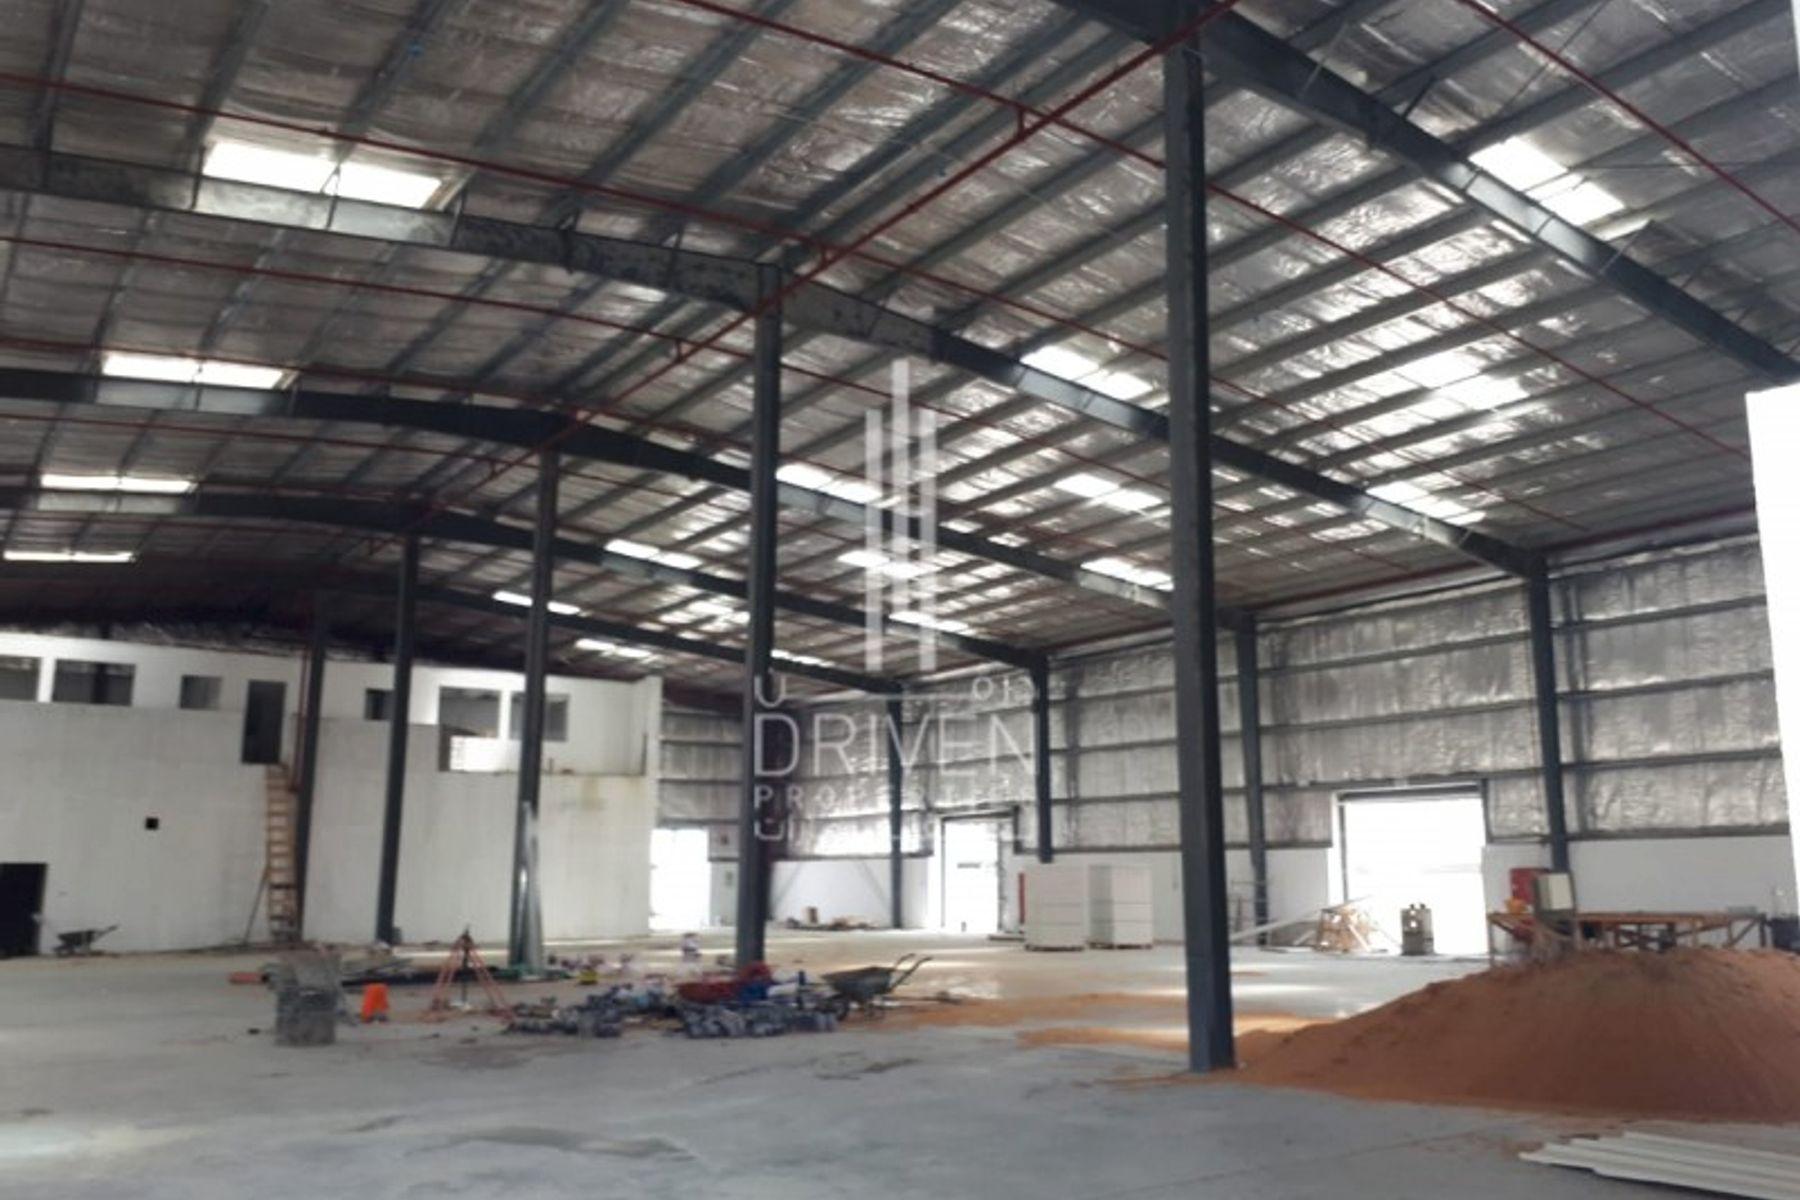 للبيع - مستودع - المنطقة الصناعية - حديقة دبي الصناعية